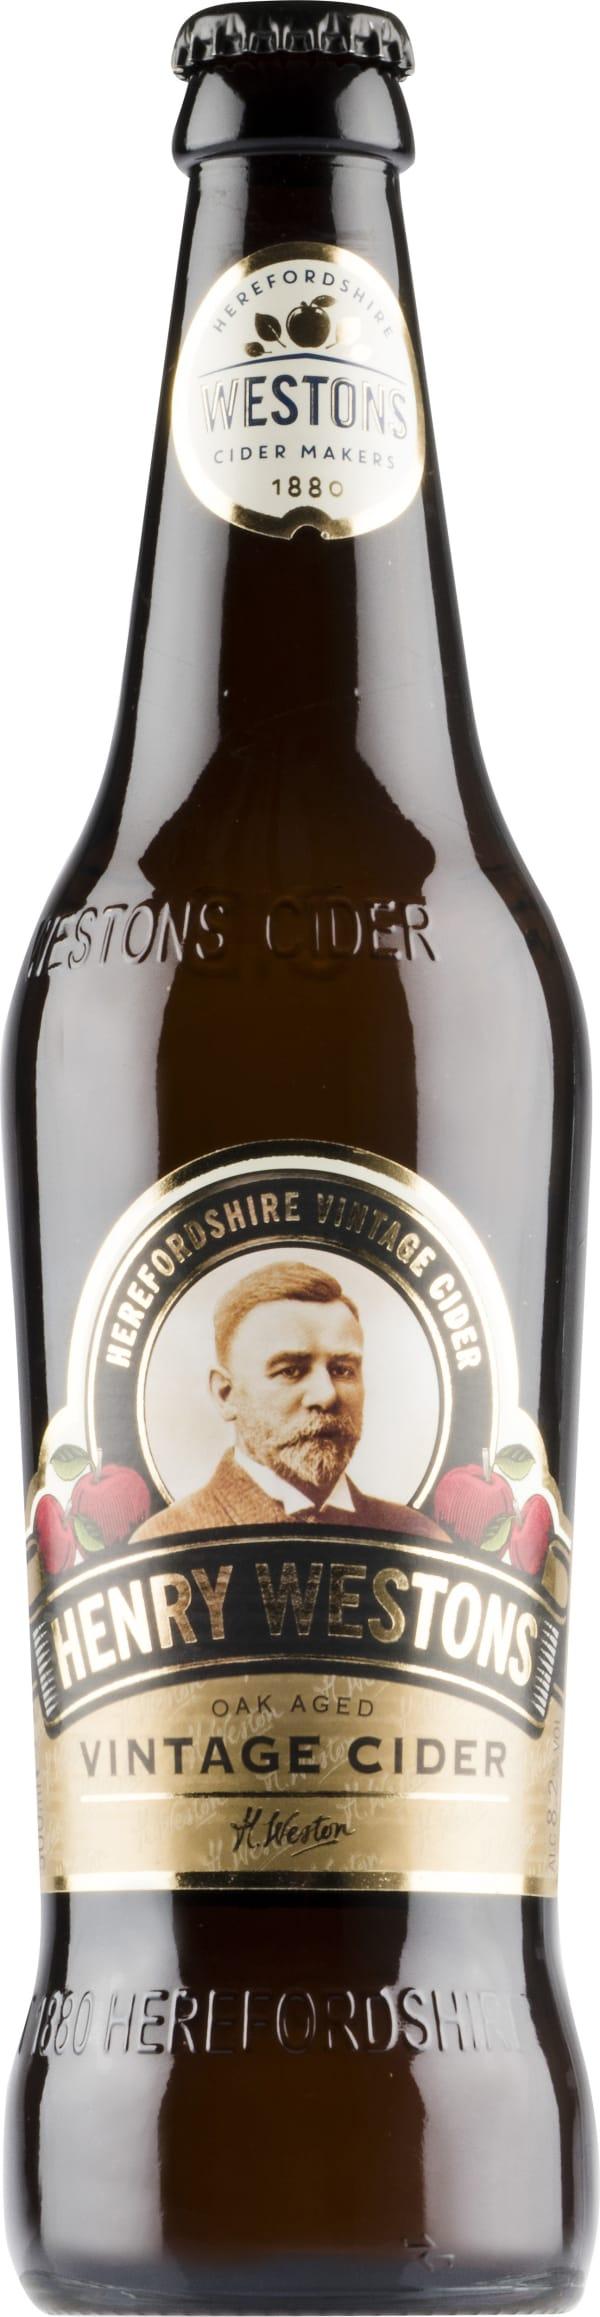 Henry Westons Vintage Cider 2014